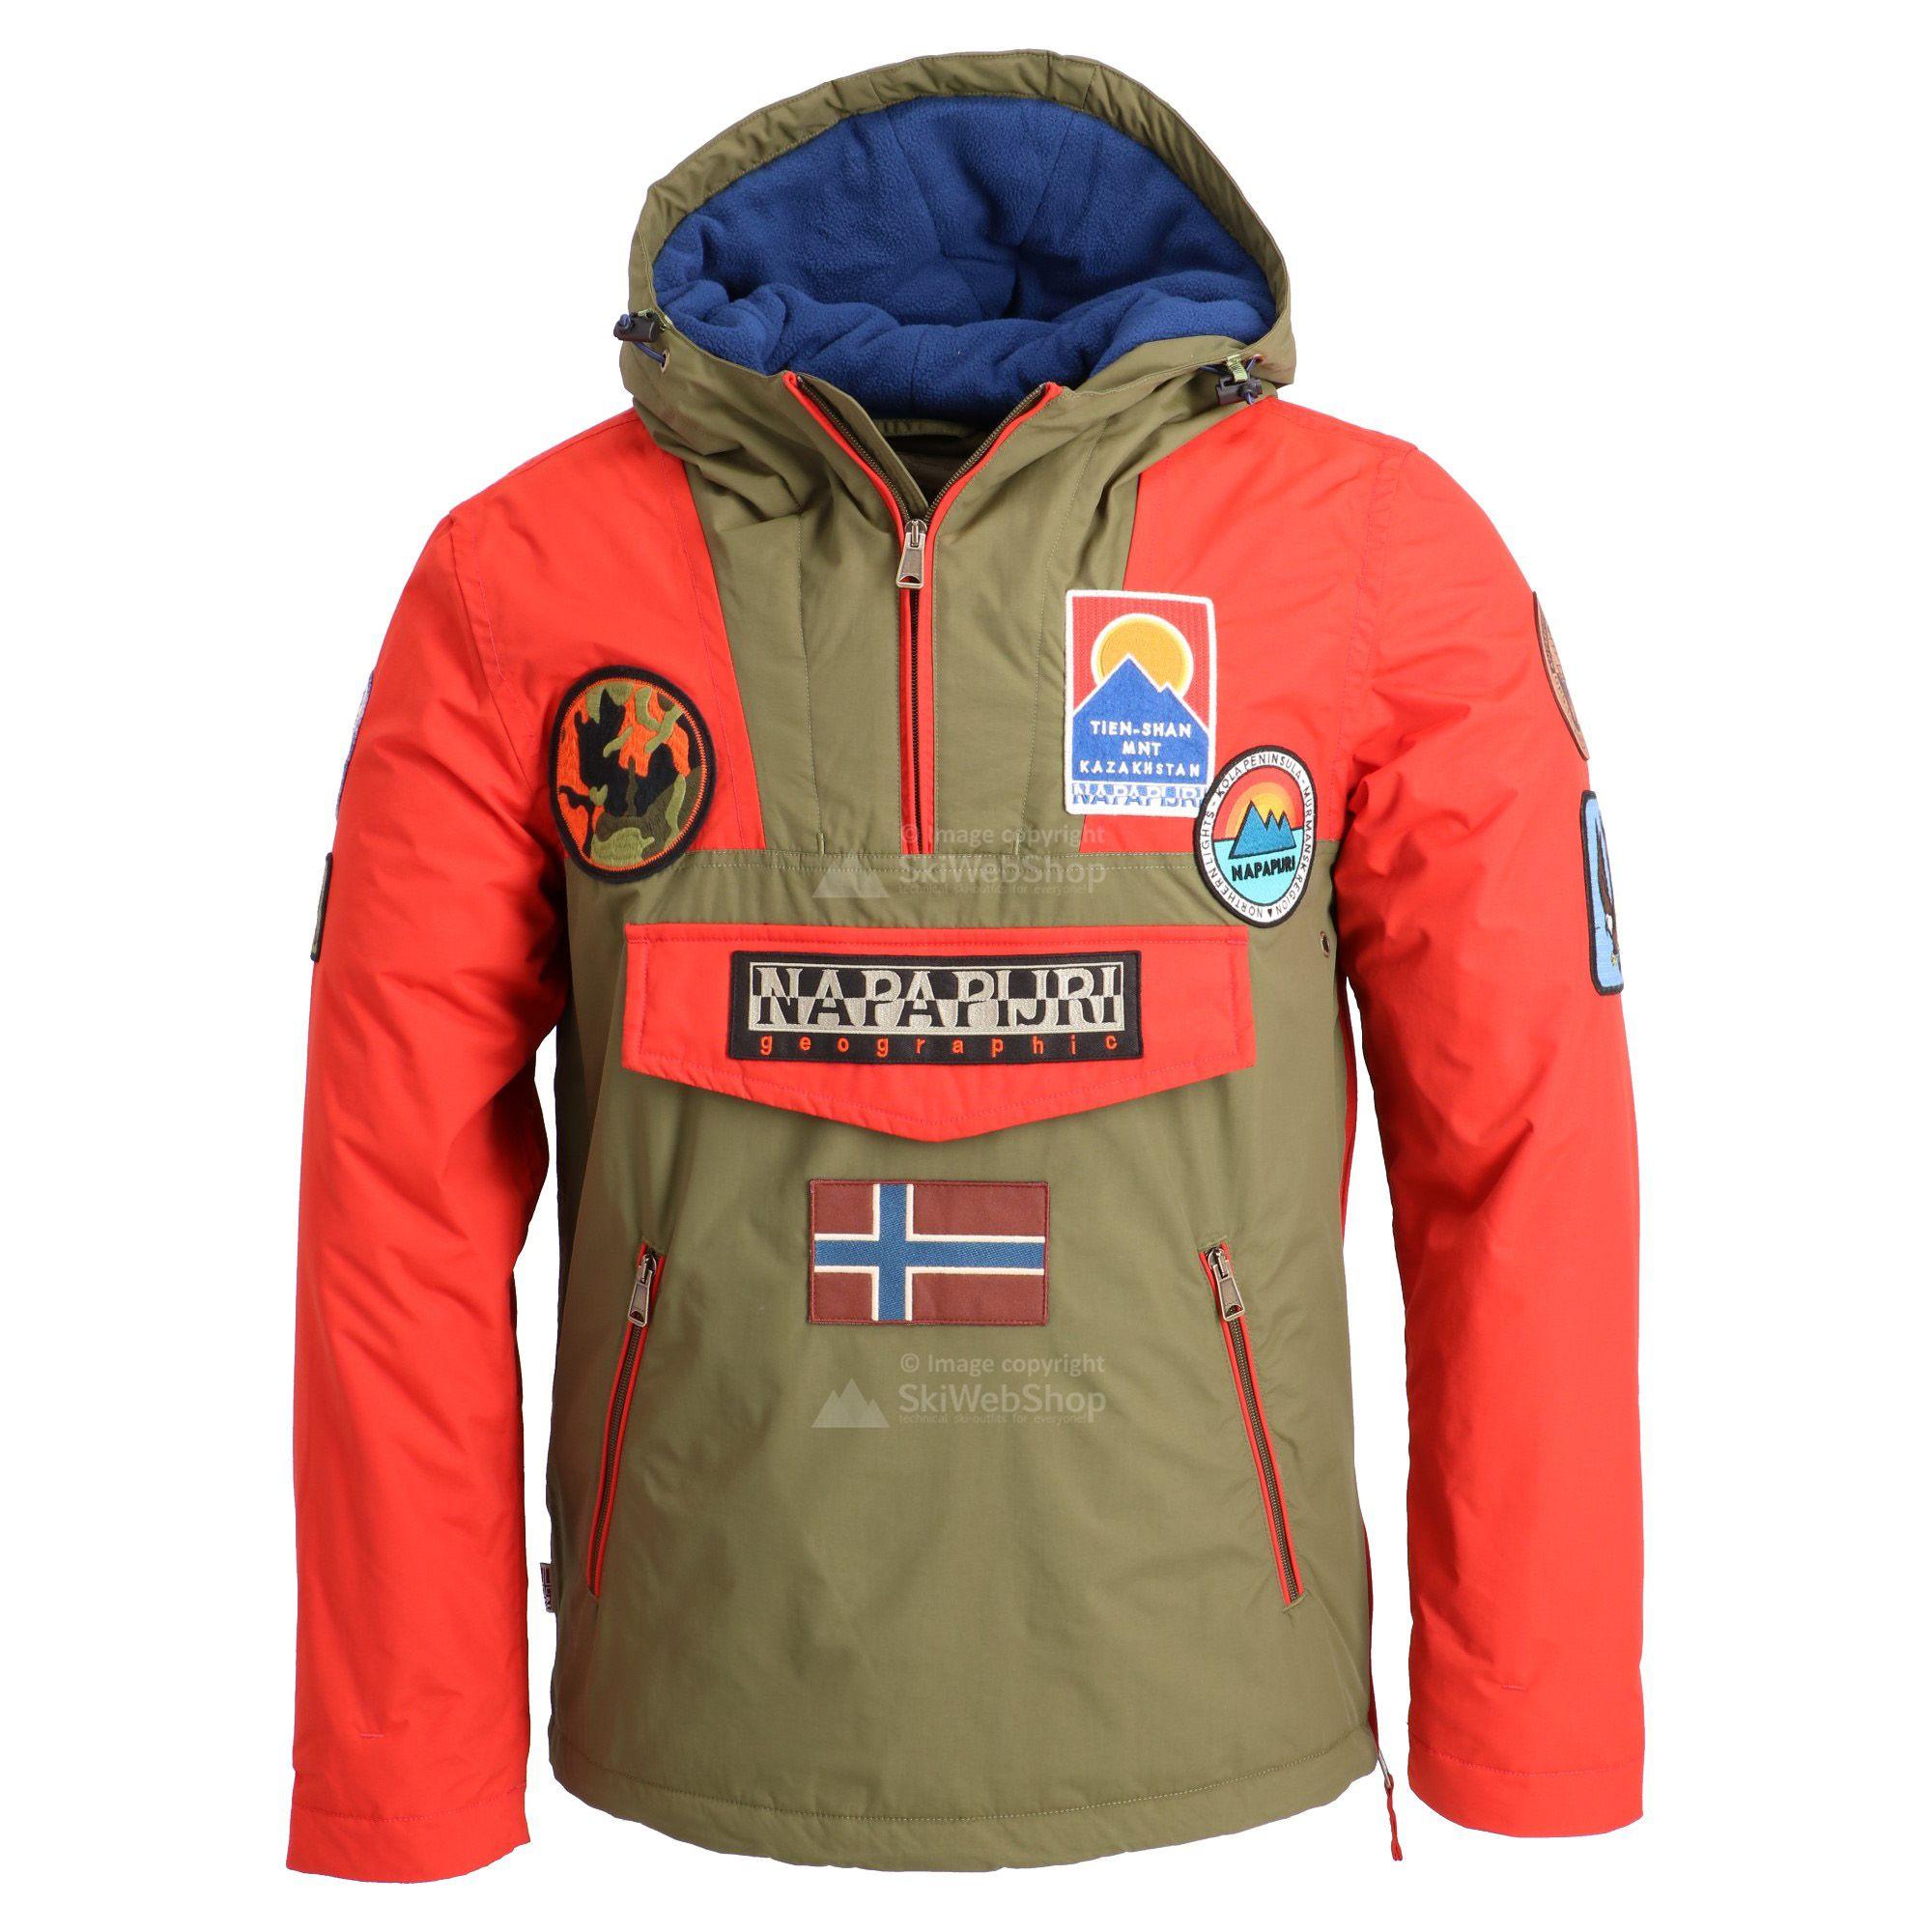 Estrazione mai Fobia  Napapijri, Rainforest giacca invernale, uomo, multi-colour • SkiWebShop